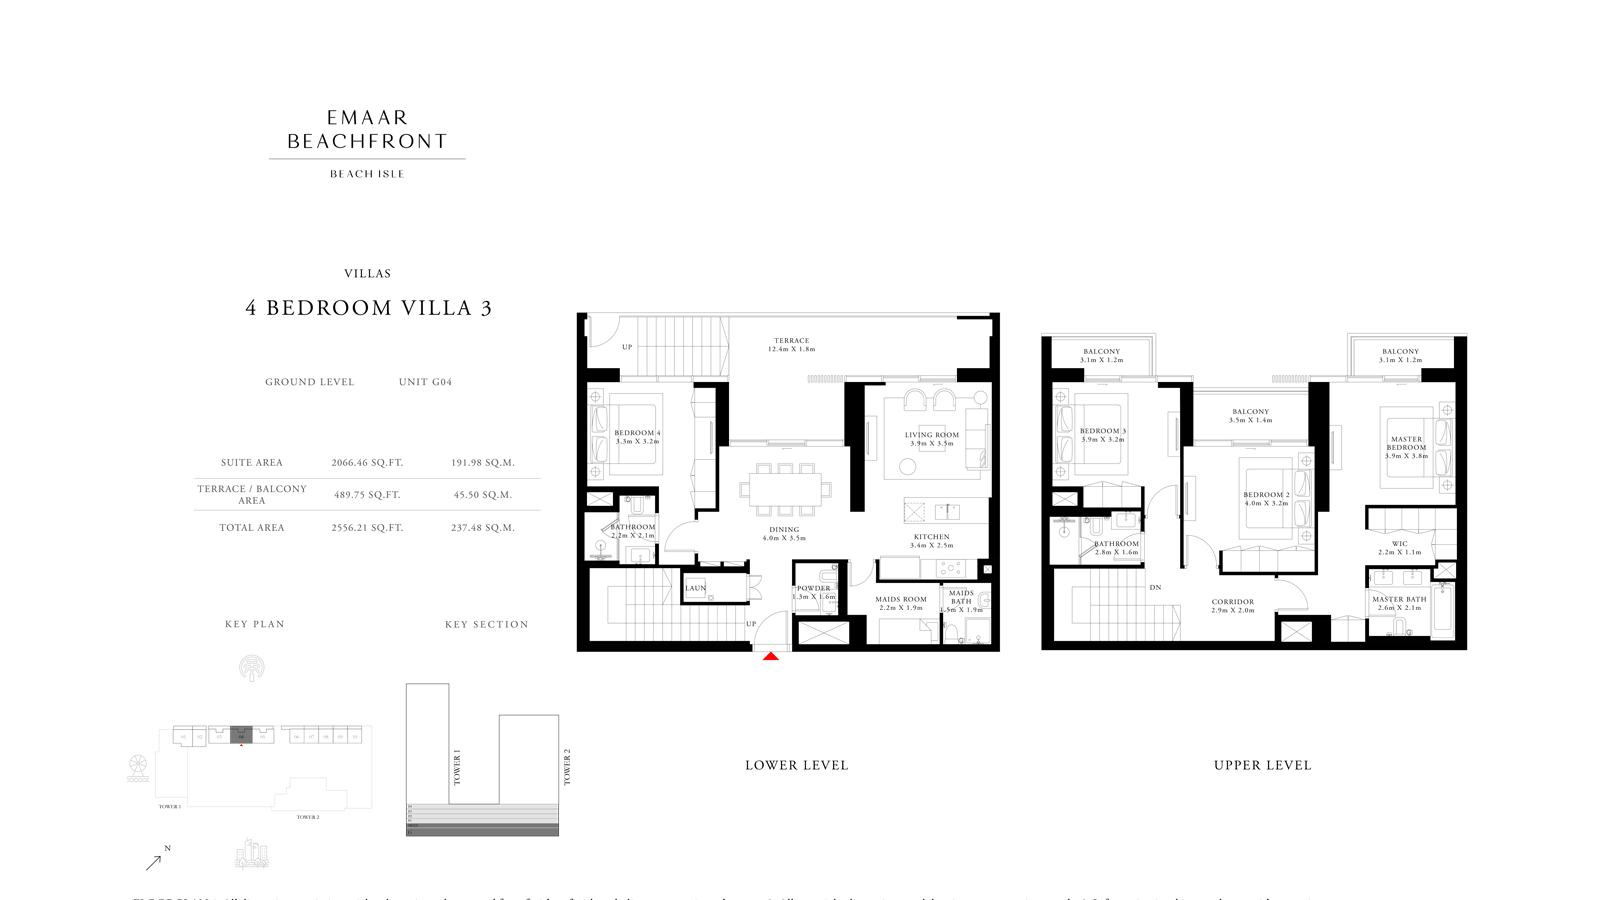 4 Bedroom Villas 3 Size 2556    sq. ft.